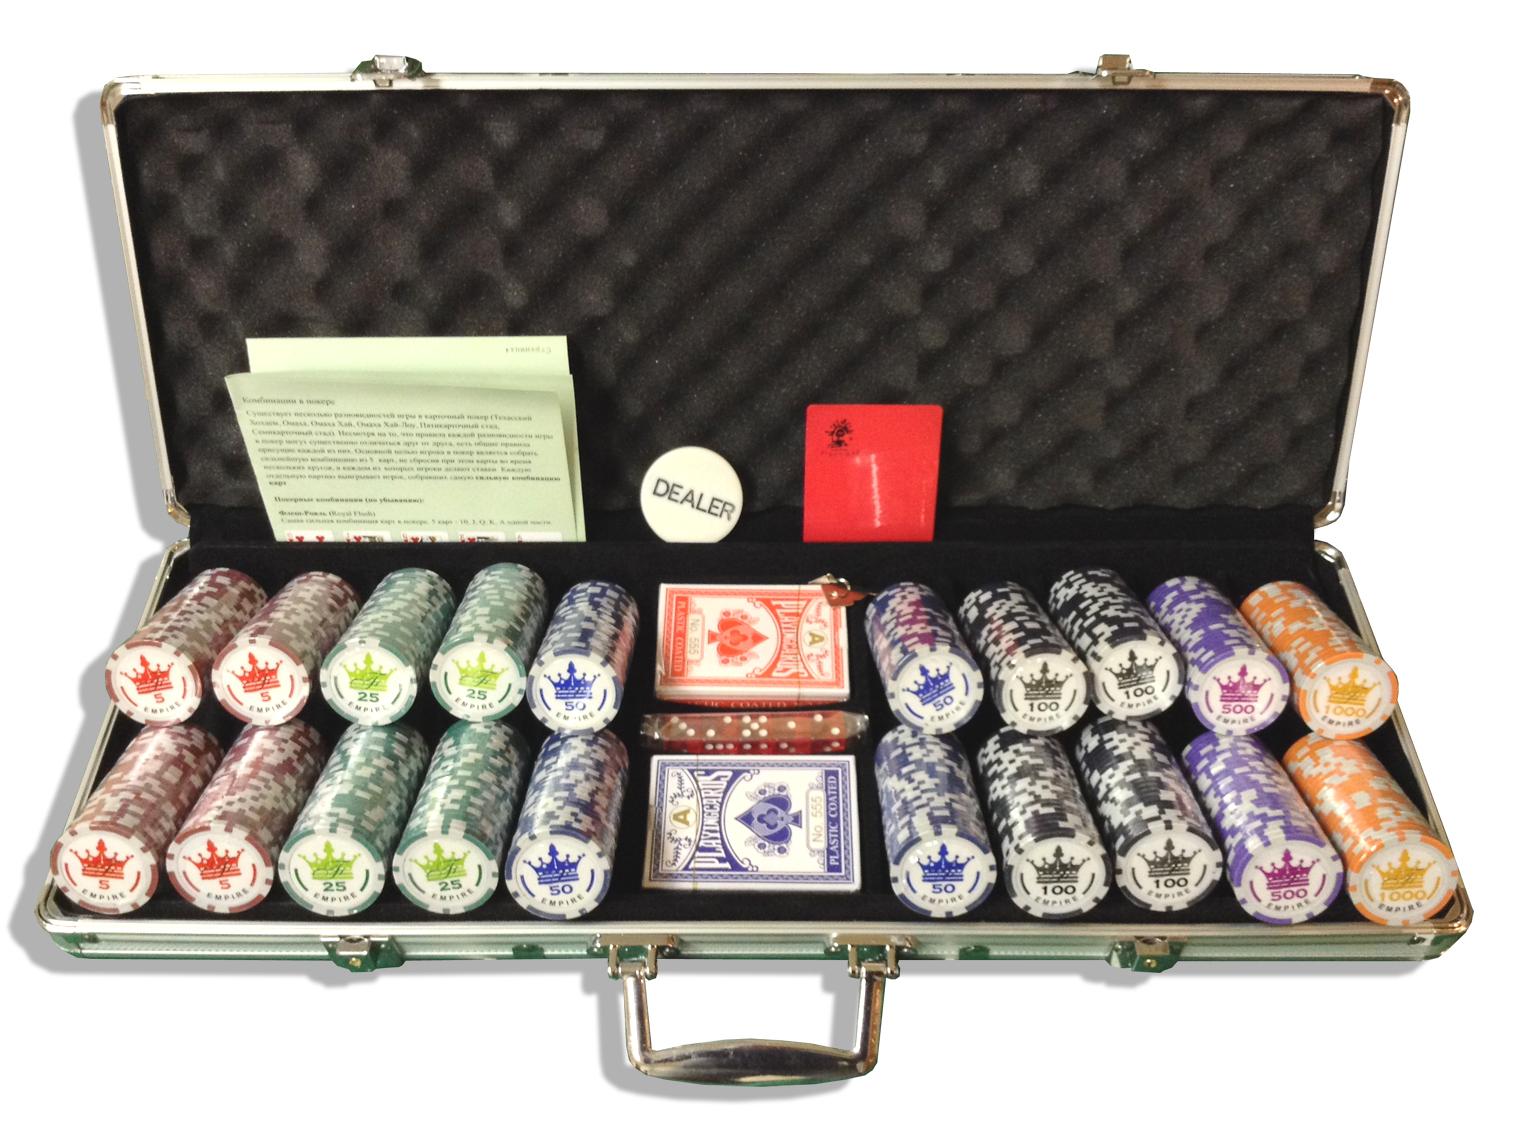 Empire 500 профессиональный набор для покера на 500 фишек